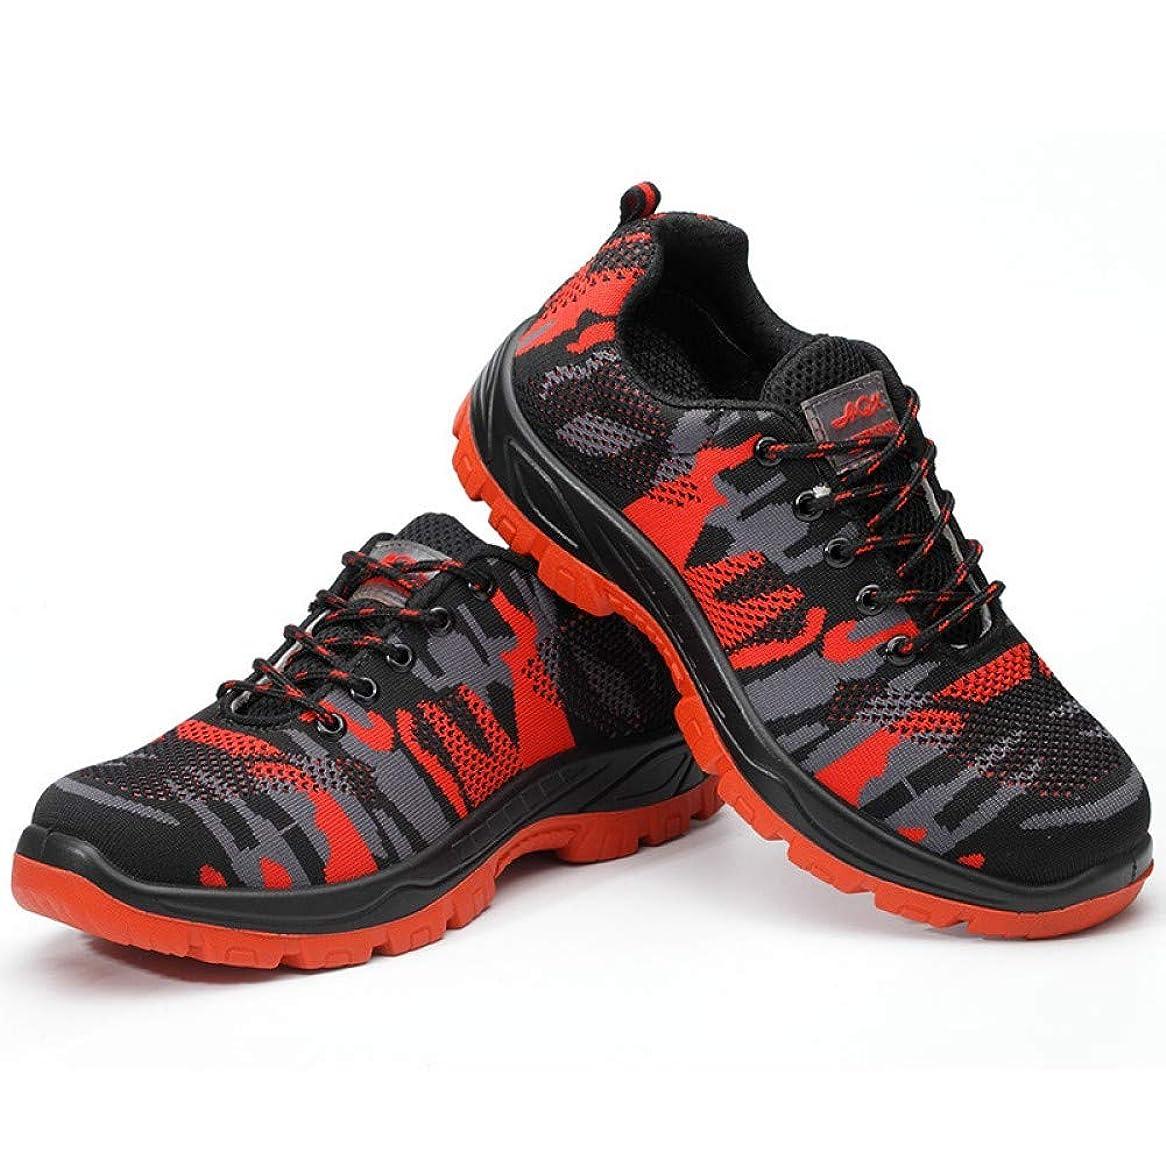 悲惨なメロディーくつろぎ[HEMM] 安全靴 作業靴 メンズ レディース スニーカー ハイグリップ 防滑 通気性 軽量